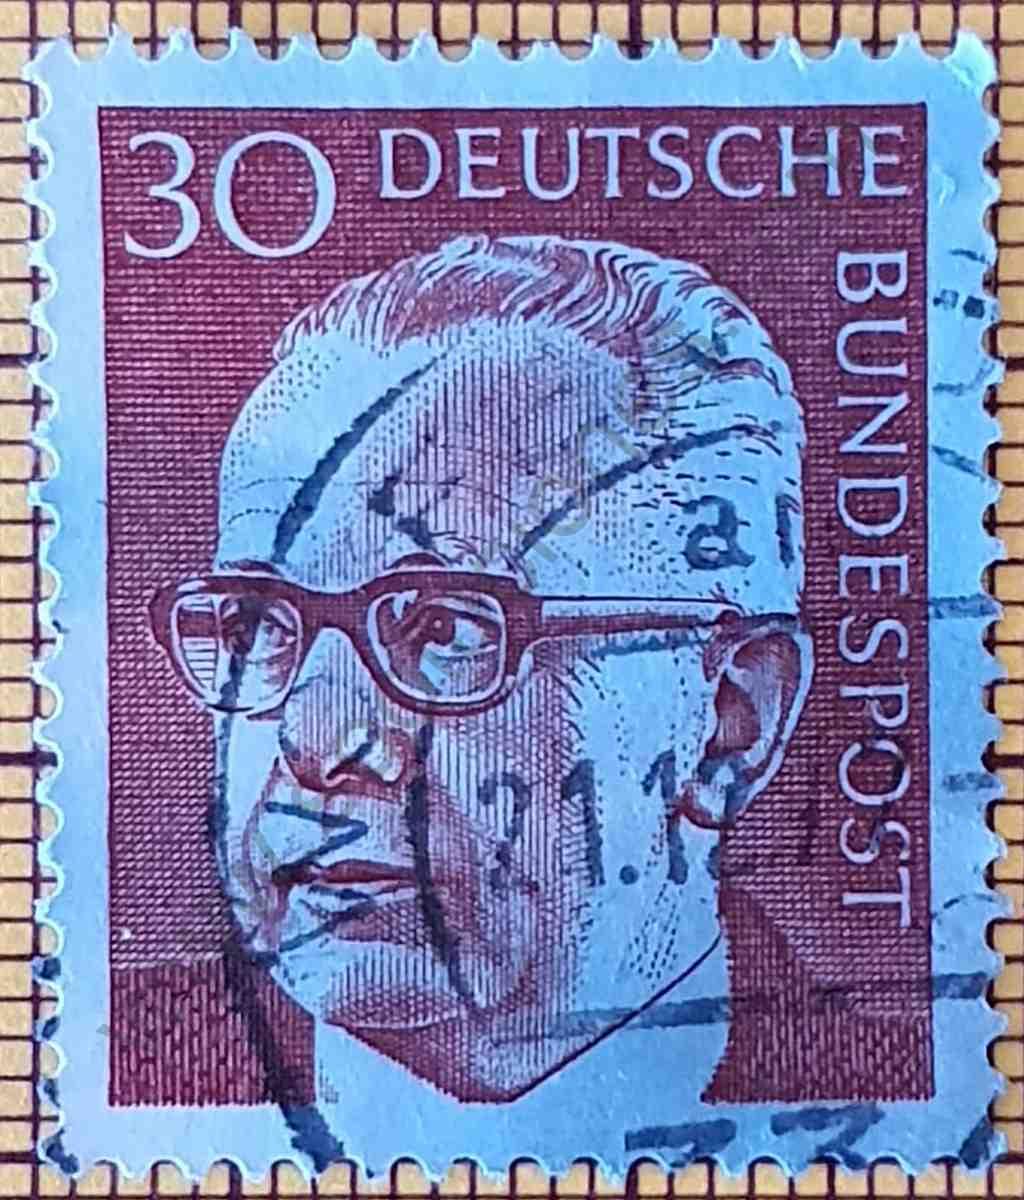 Presidente Gustav Heinemann 30Pf - Sello de Alemania año 1971